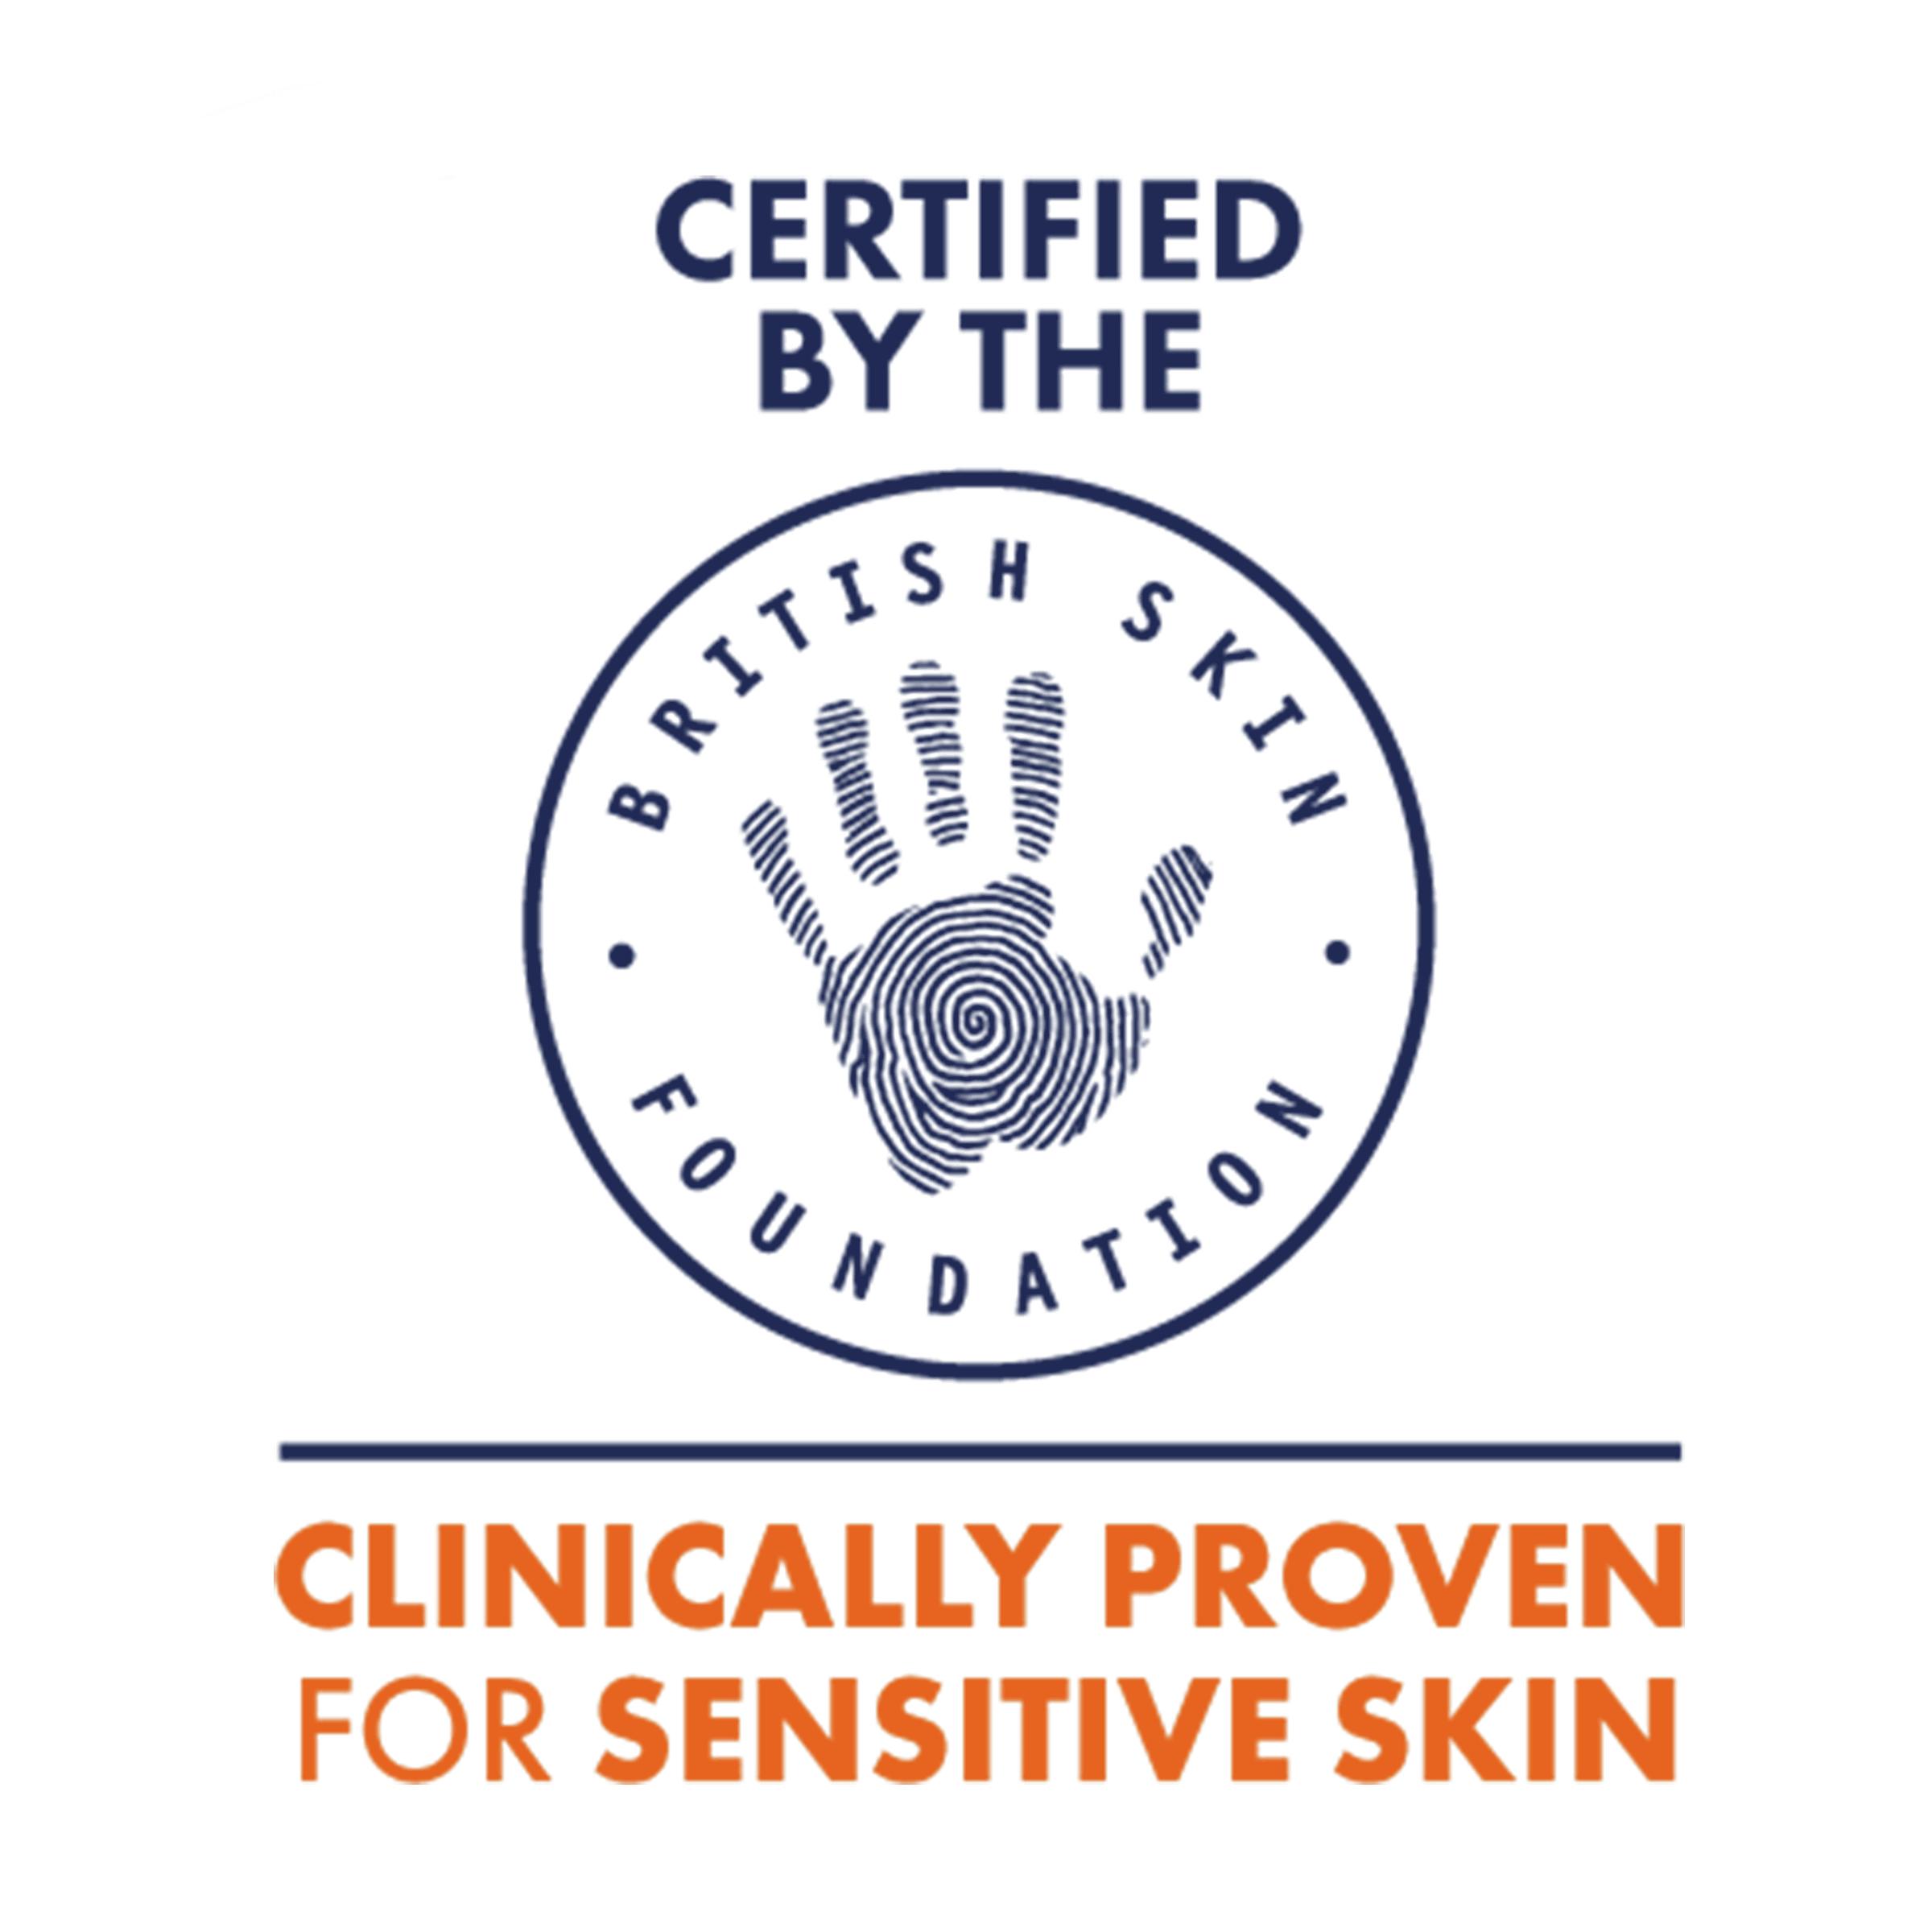 Gillette SkinGuard Sensitive designed to stop irritation